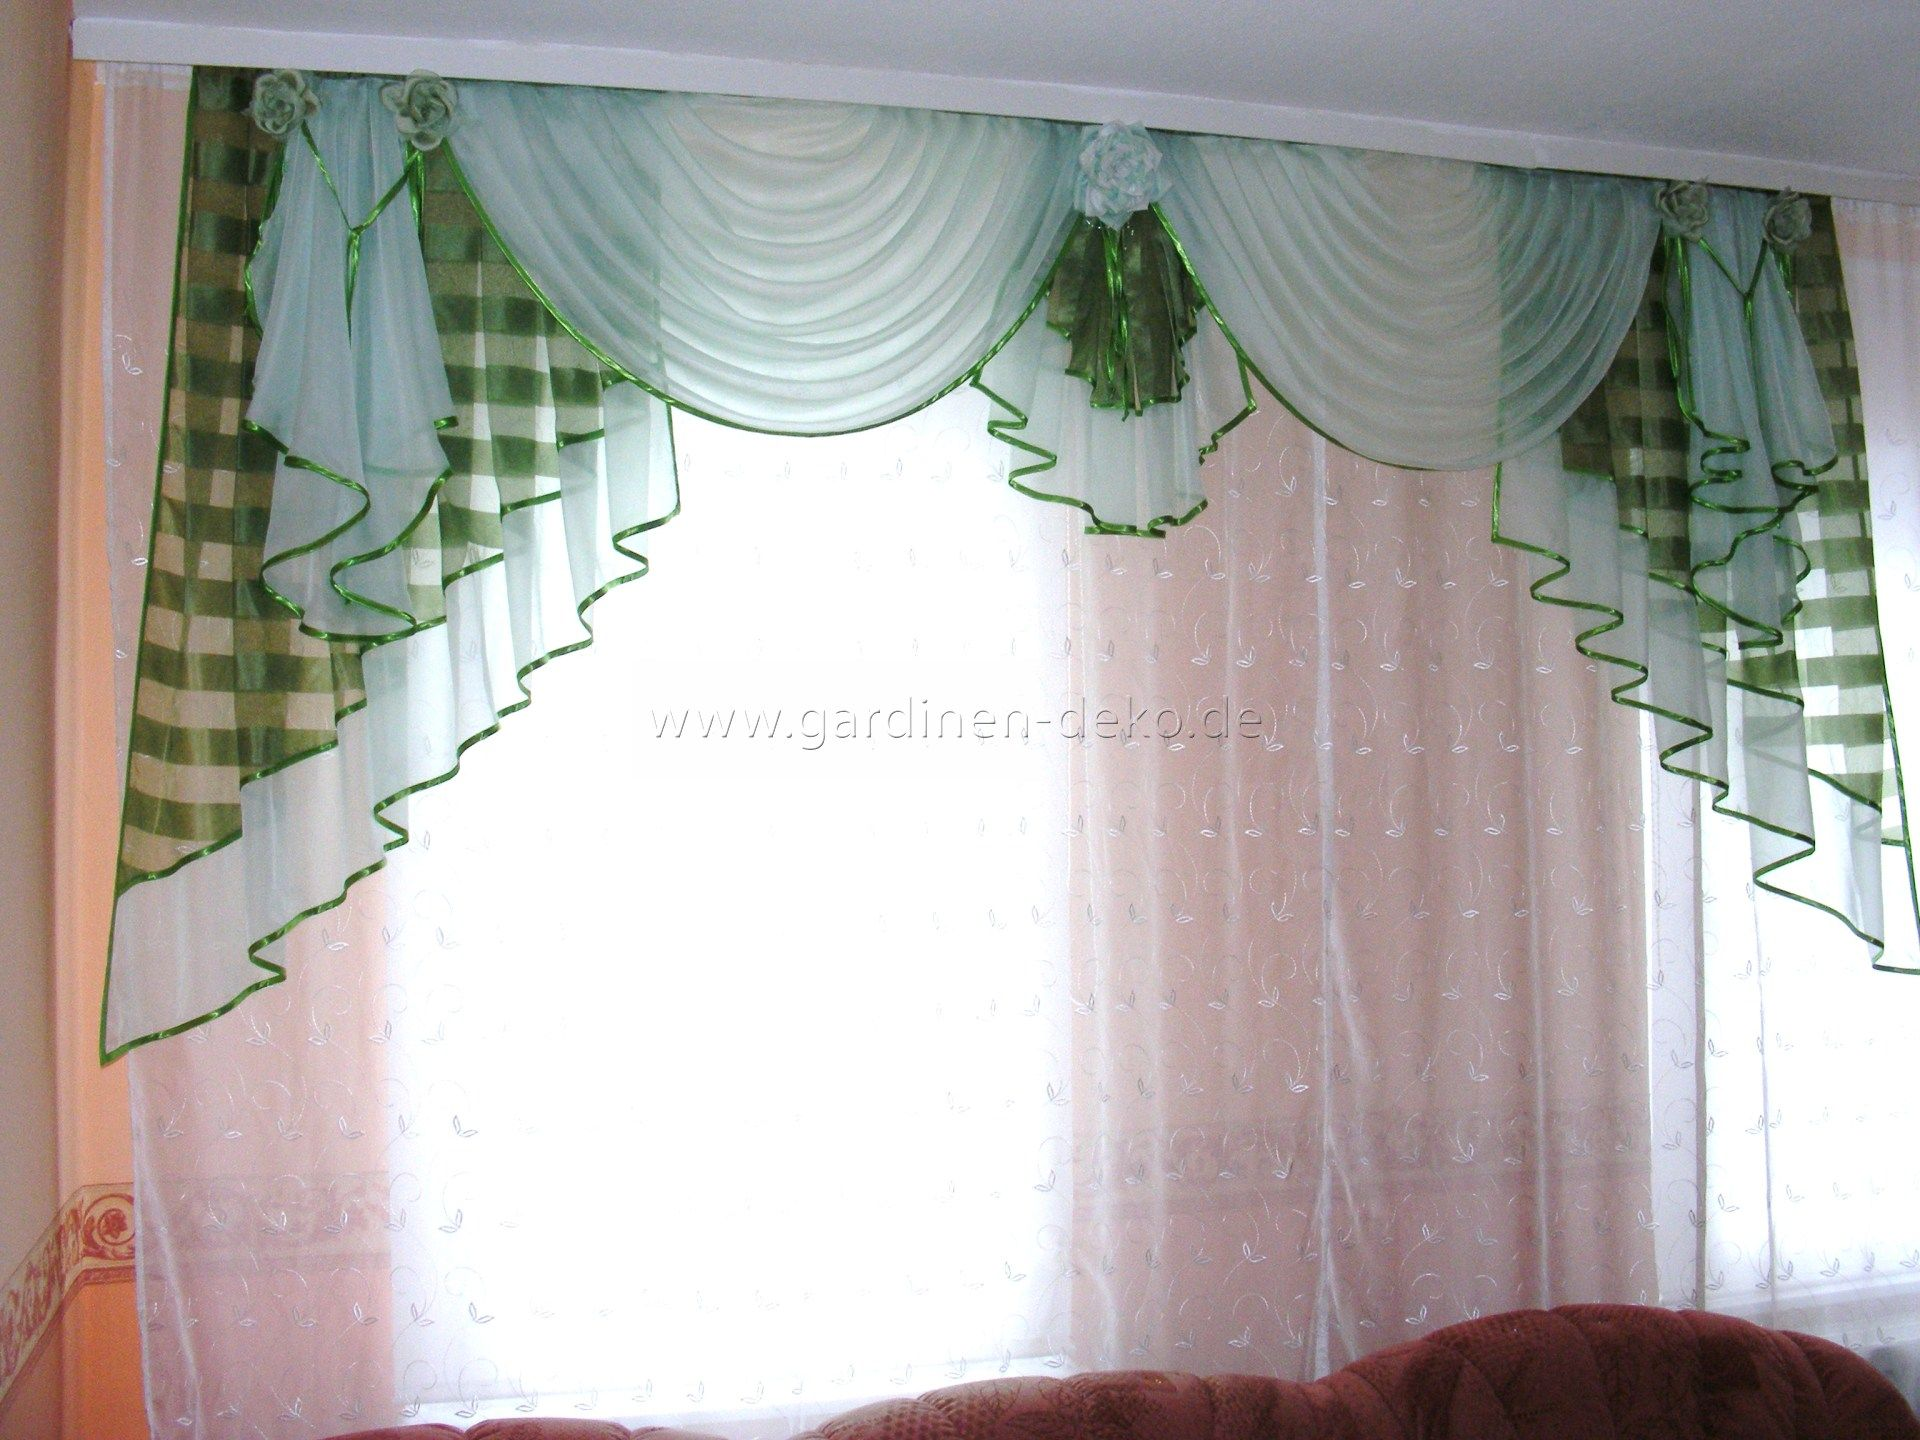 Edler Vorhang in klassischem Design in den Farben grün und weiß